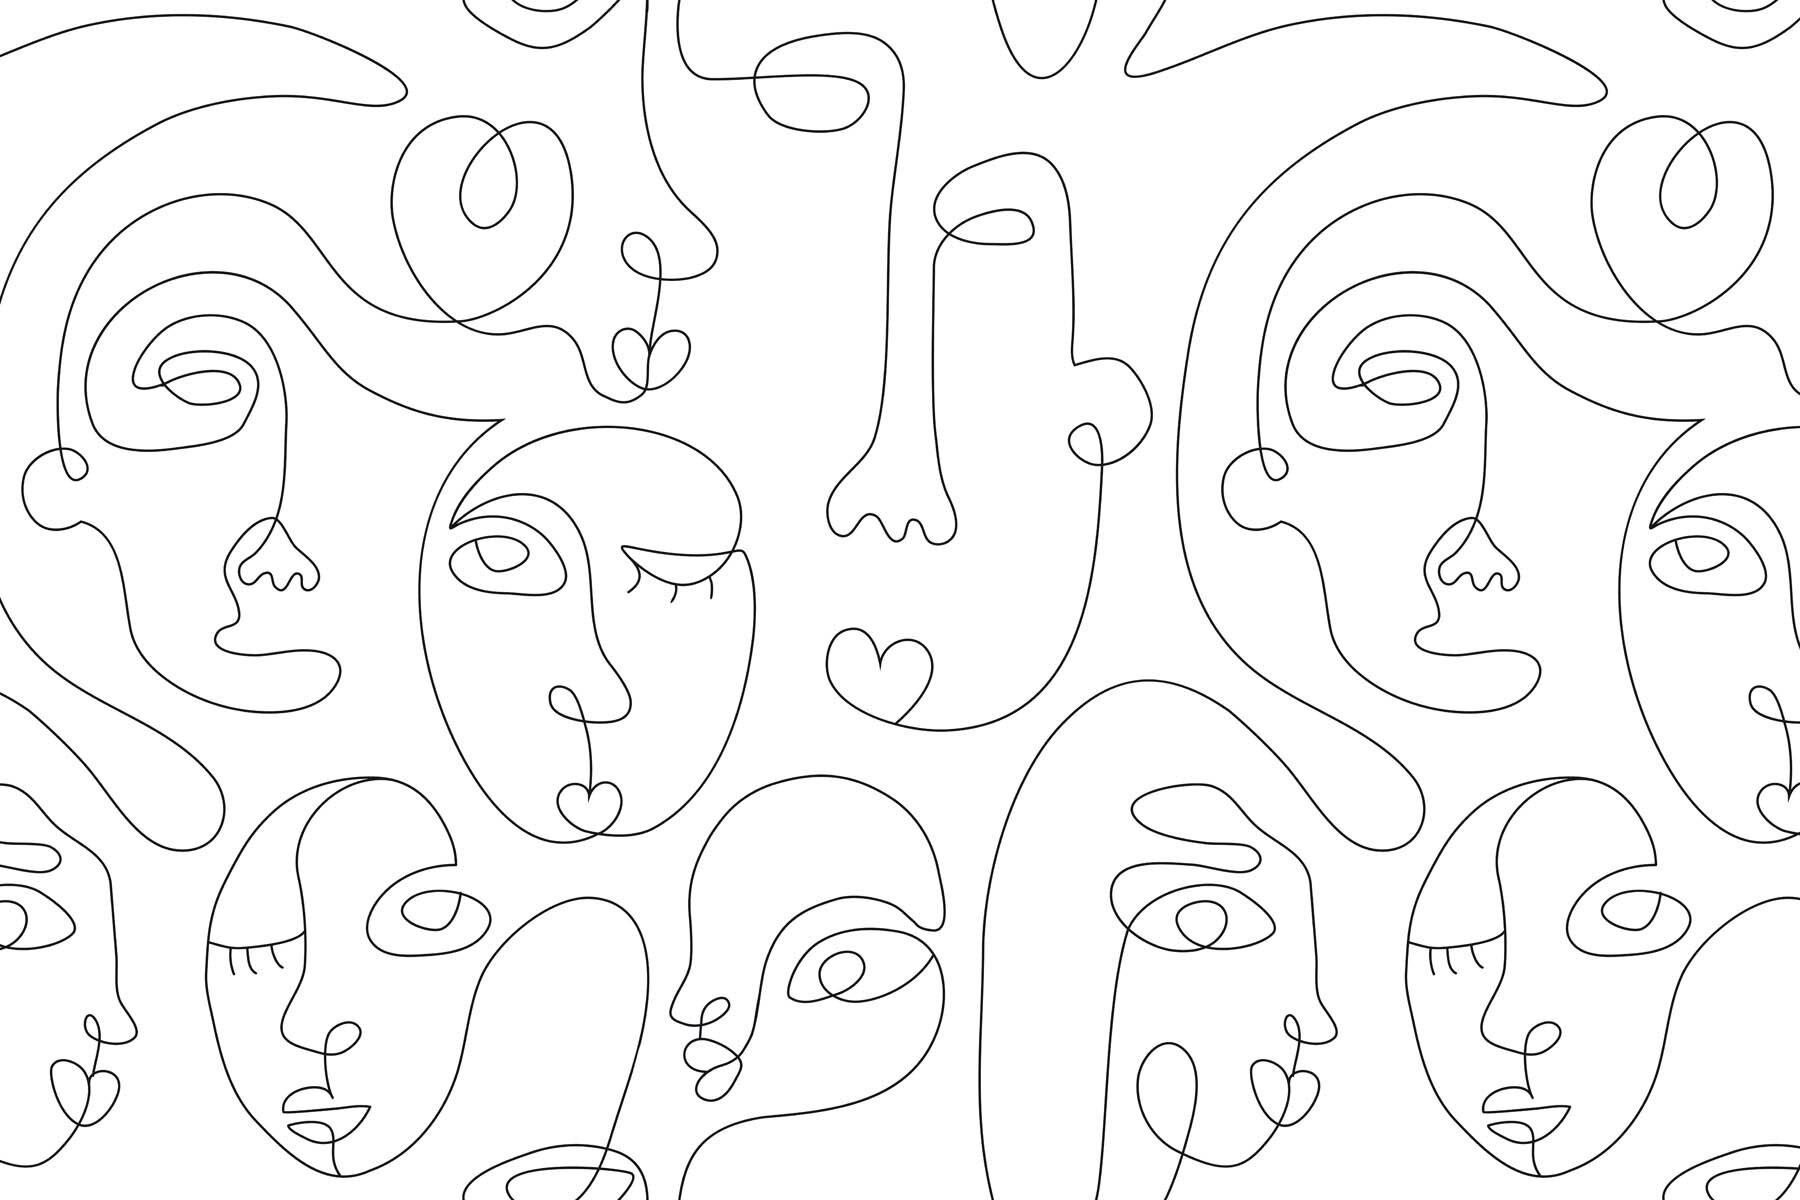 PlateART Wandverkleidung mit Motiv Gesichter